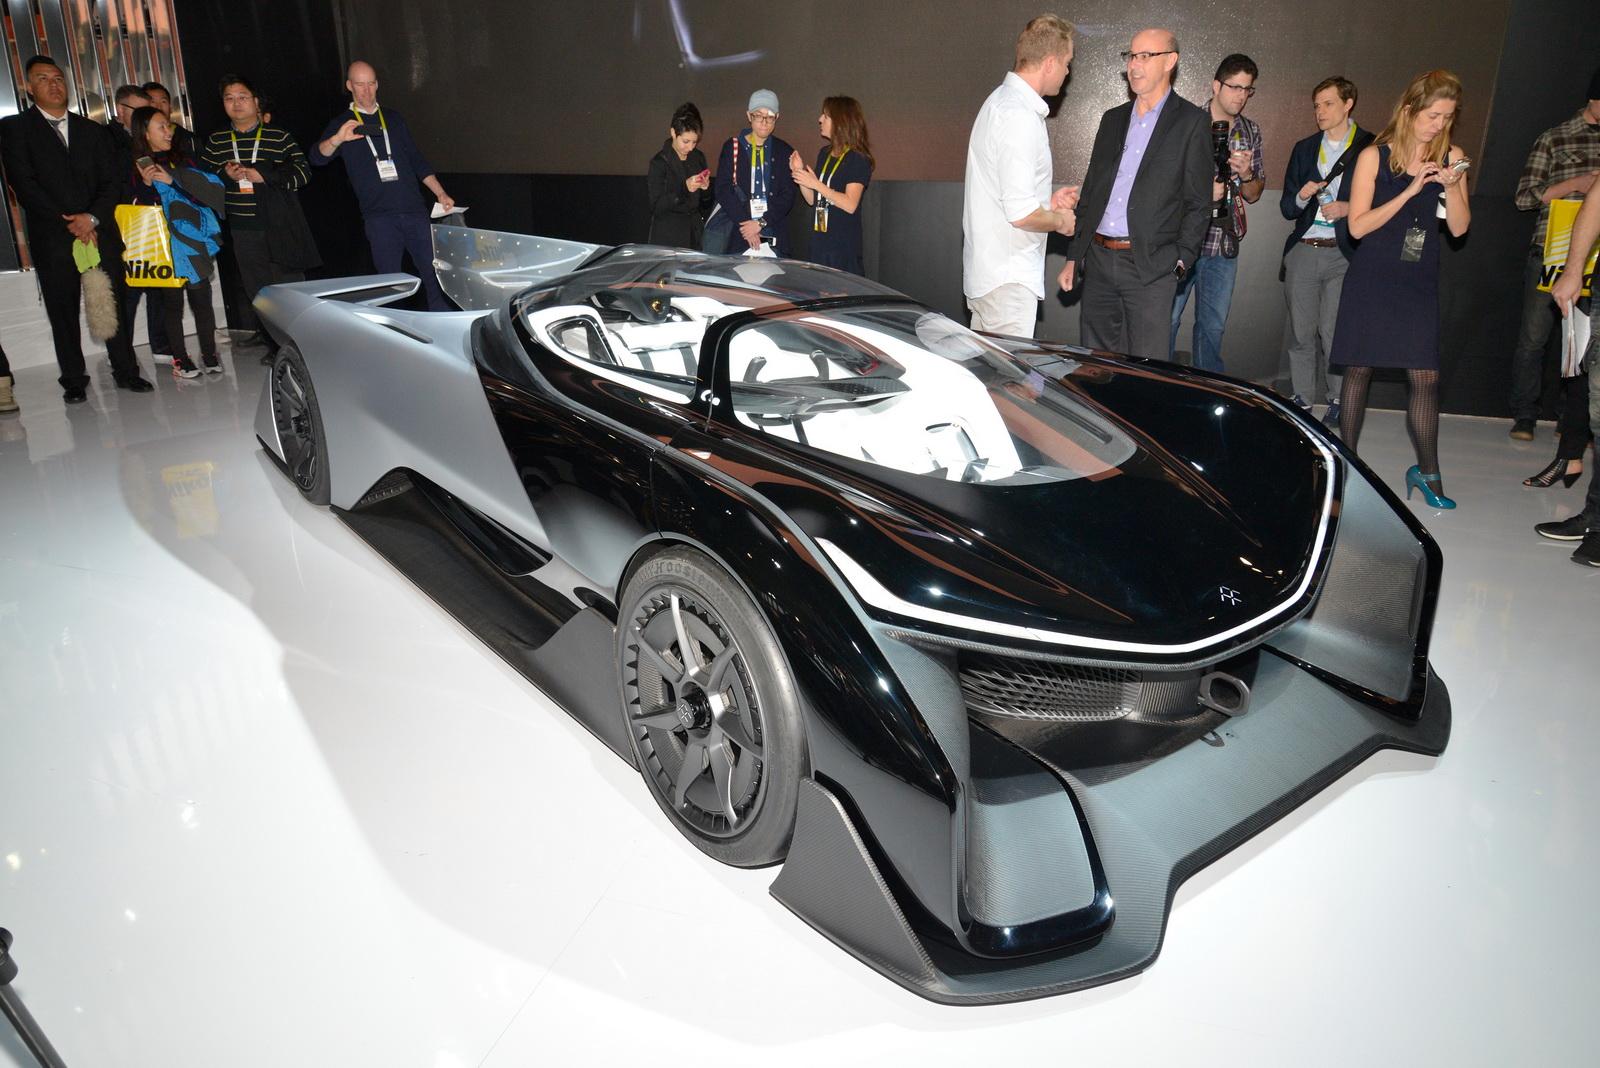 Faraday Future FFZERO1 EV Supercar Concept - Siêu xe ngay cả cái tên cũng giống nhái Ferrari